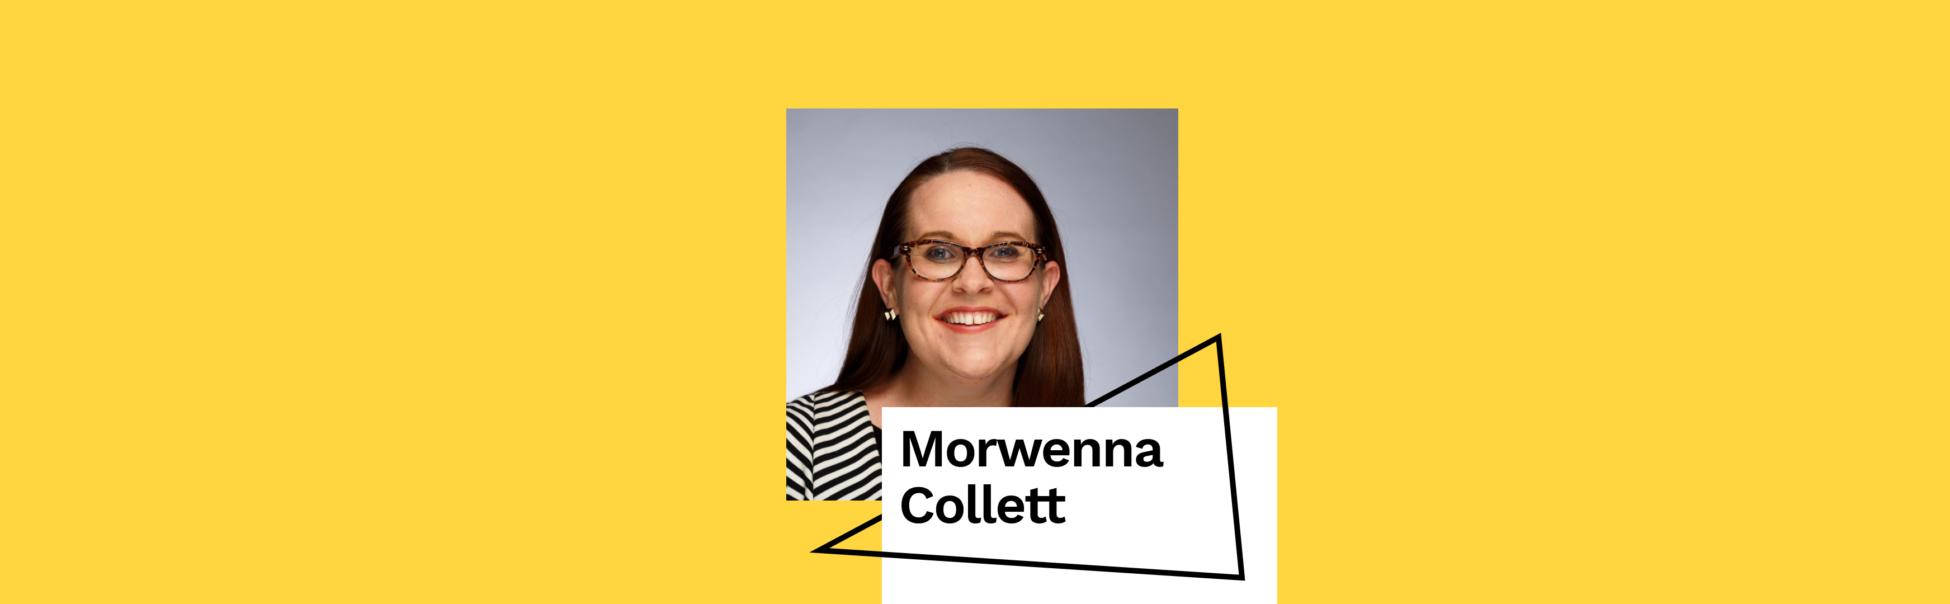 Morwenna Collett